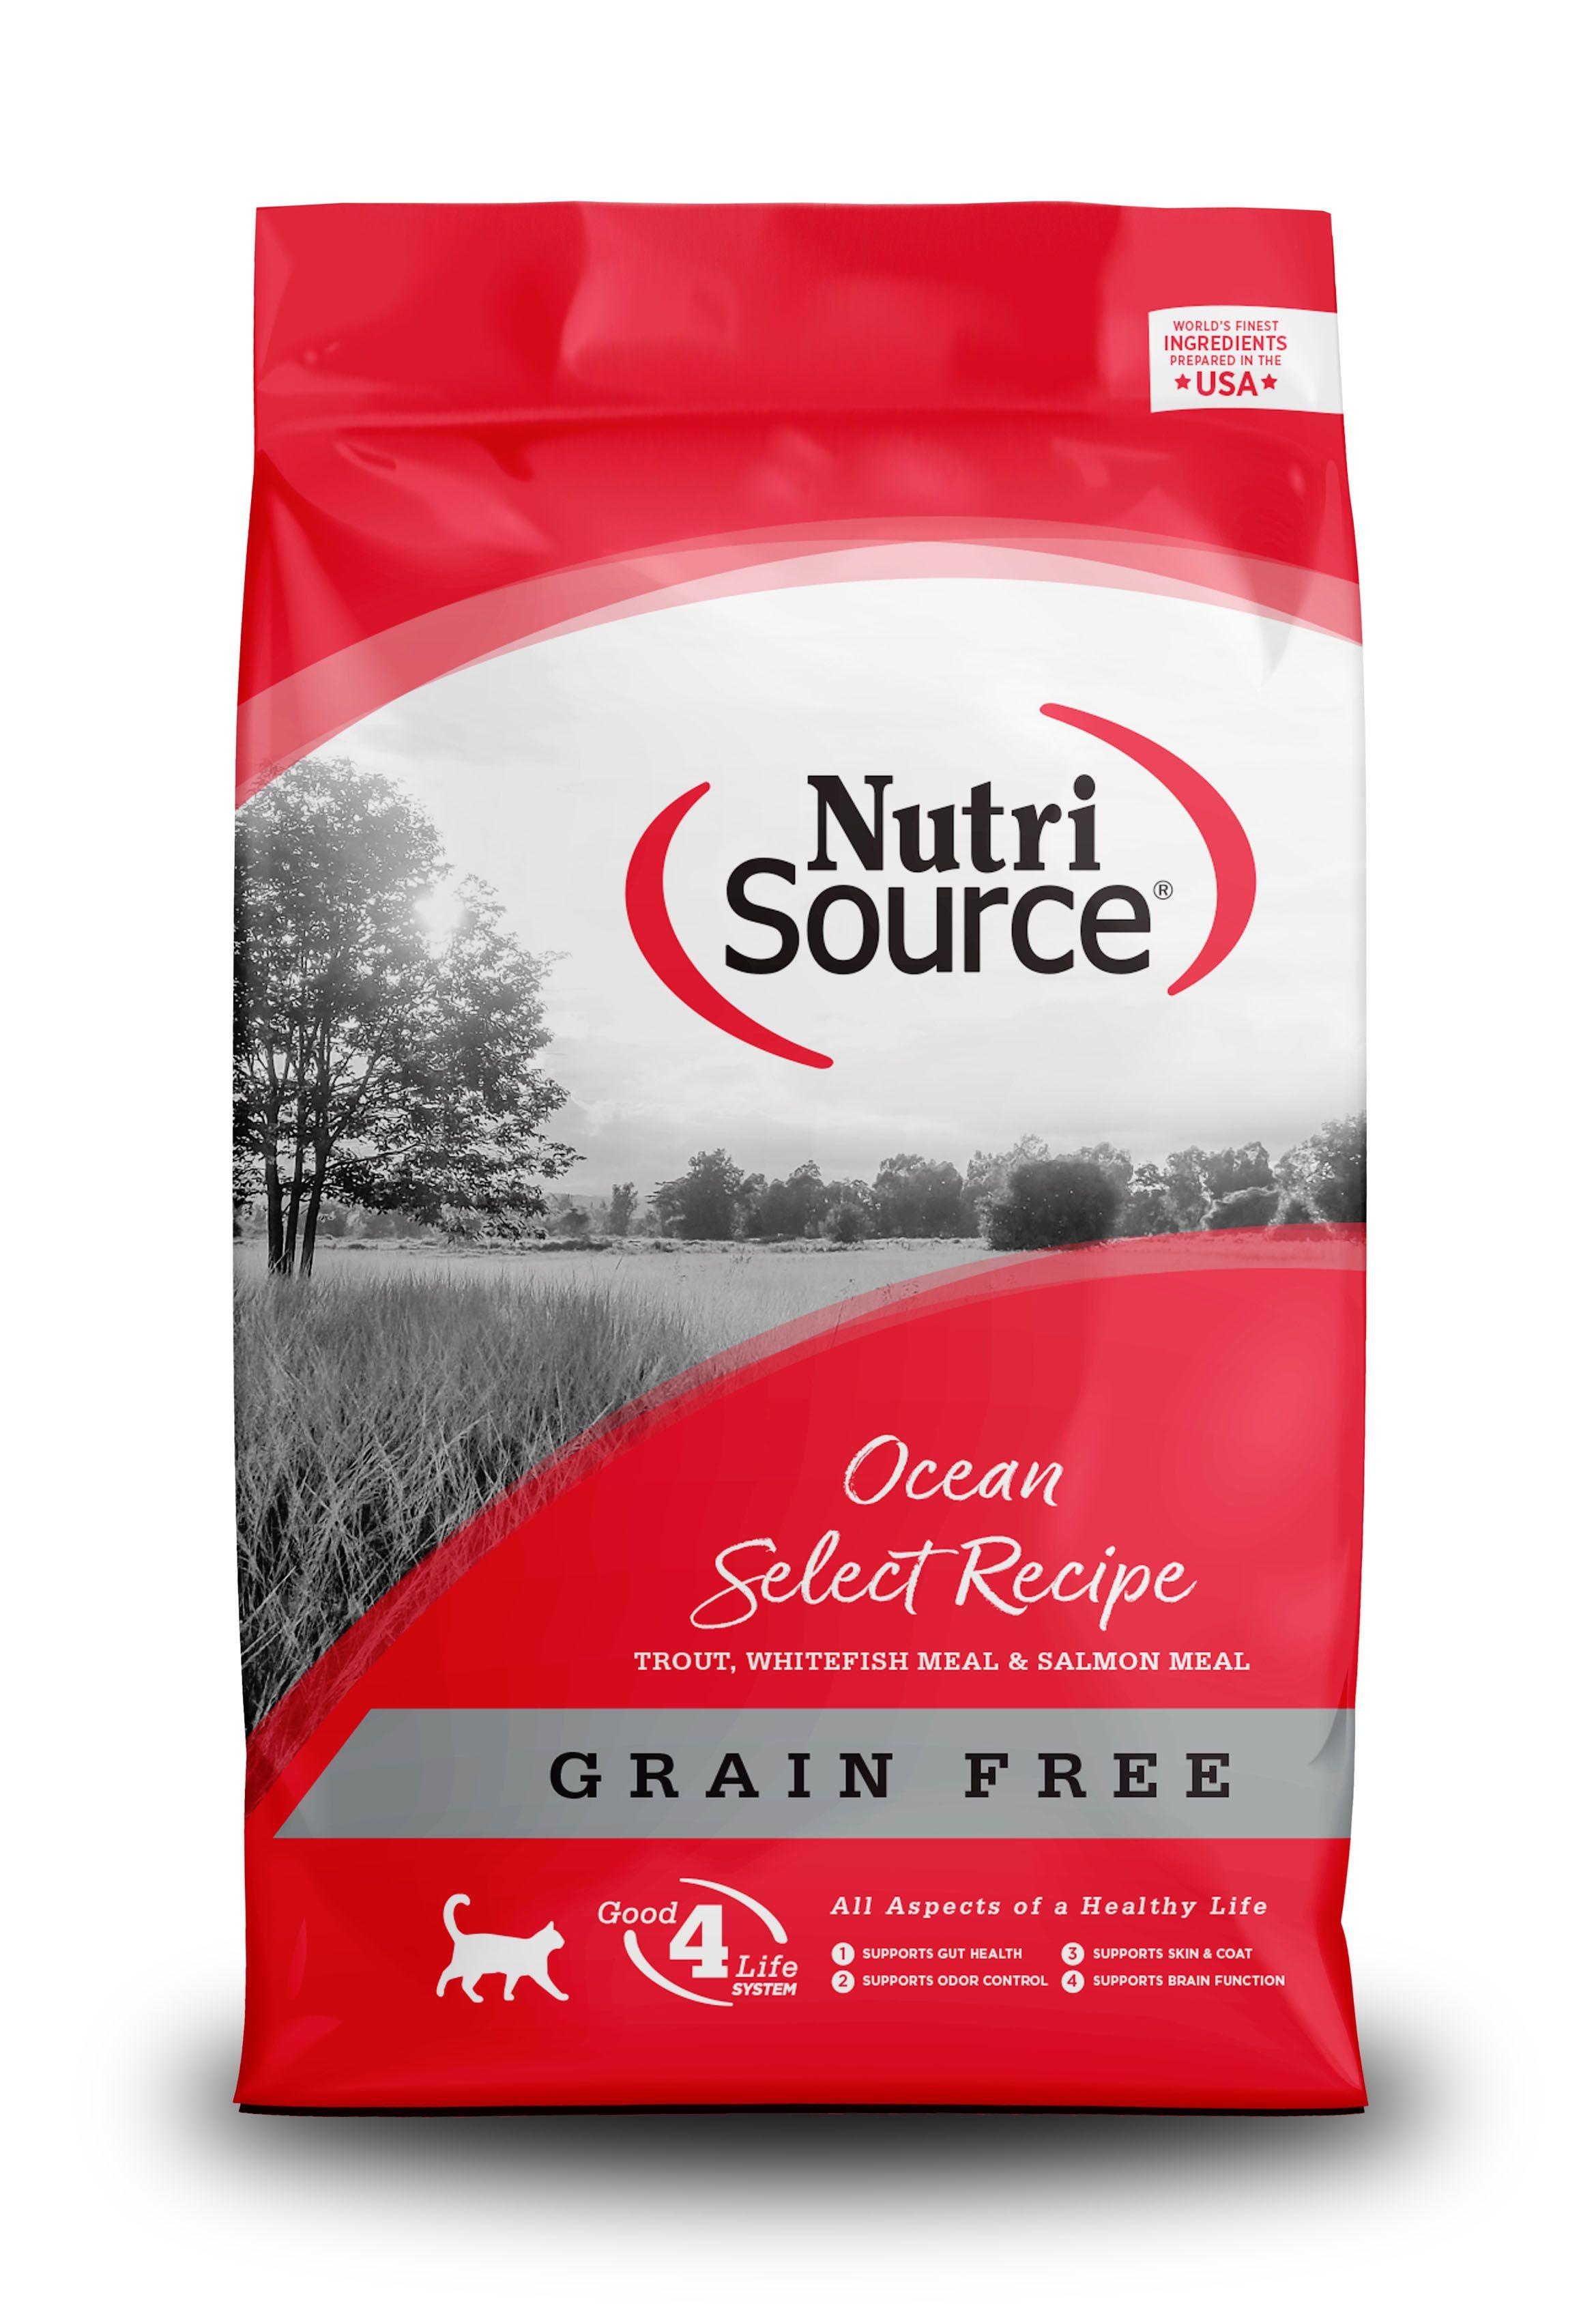 NutriSource Grain Free Ocean Select Entree Dry Cat Food, 15-lb